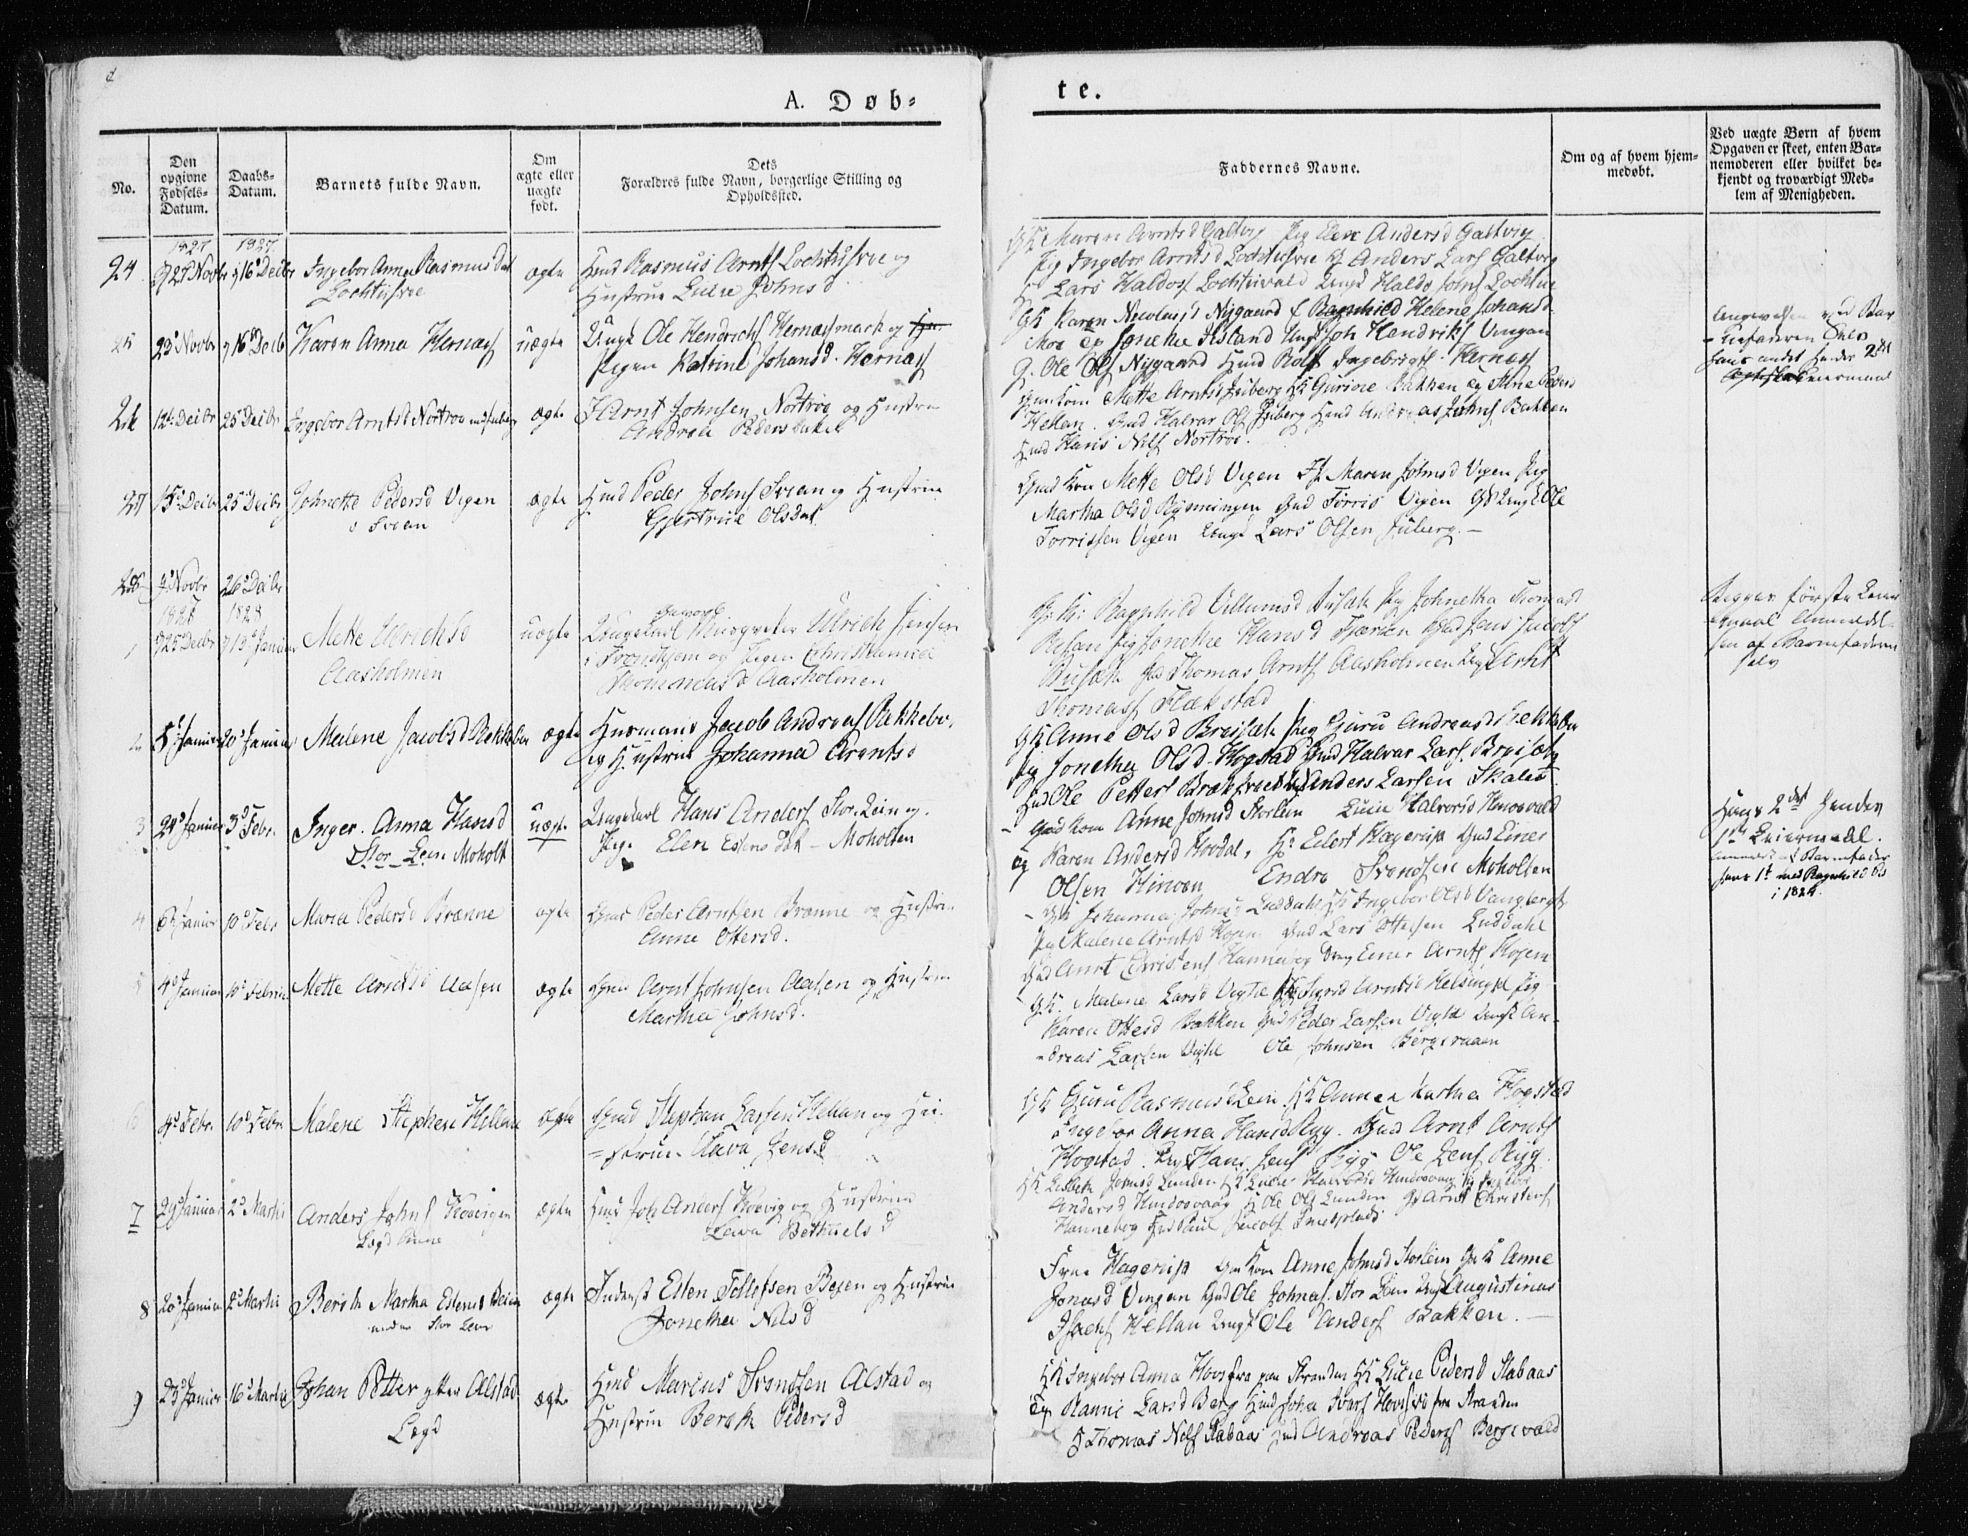 SAT, Ministerialprotokoller, klokkerbøker og fødselsregistre - Nord-Trøndelag, 713/L0114: Ministerialbok nr. 713A05, 1827-1839, s. 8